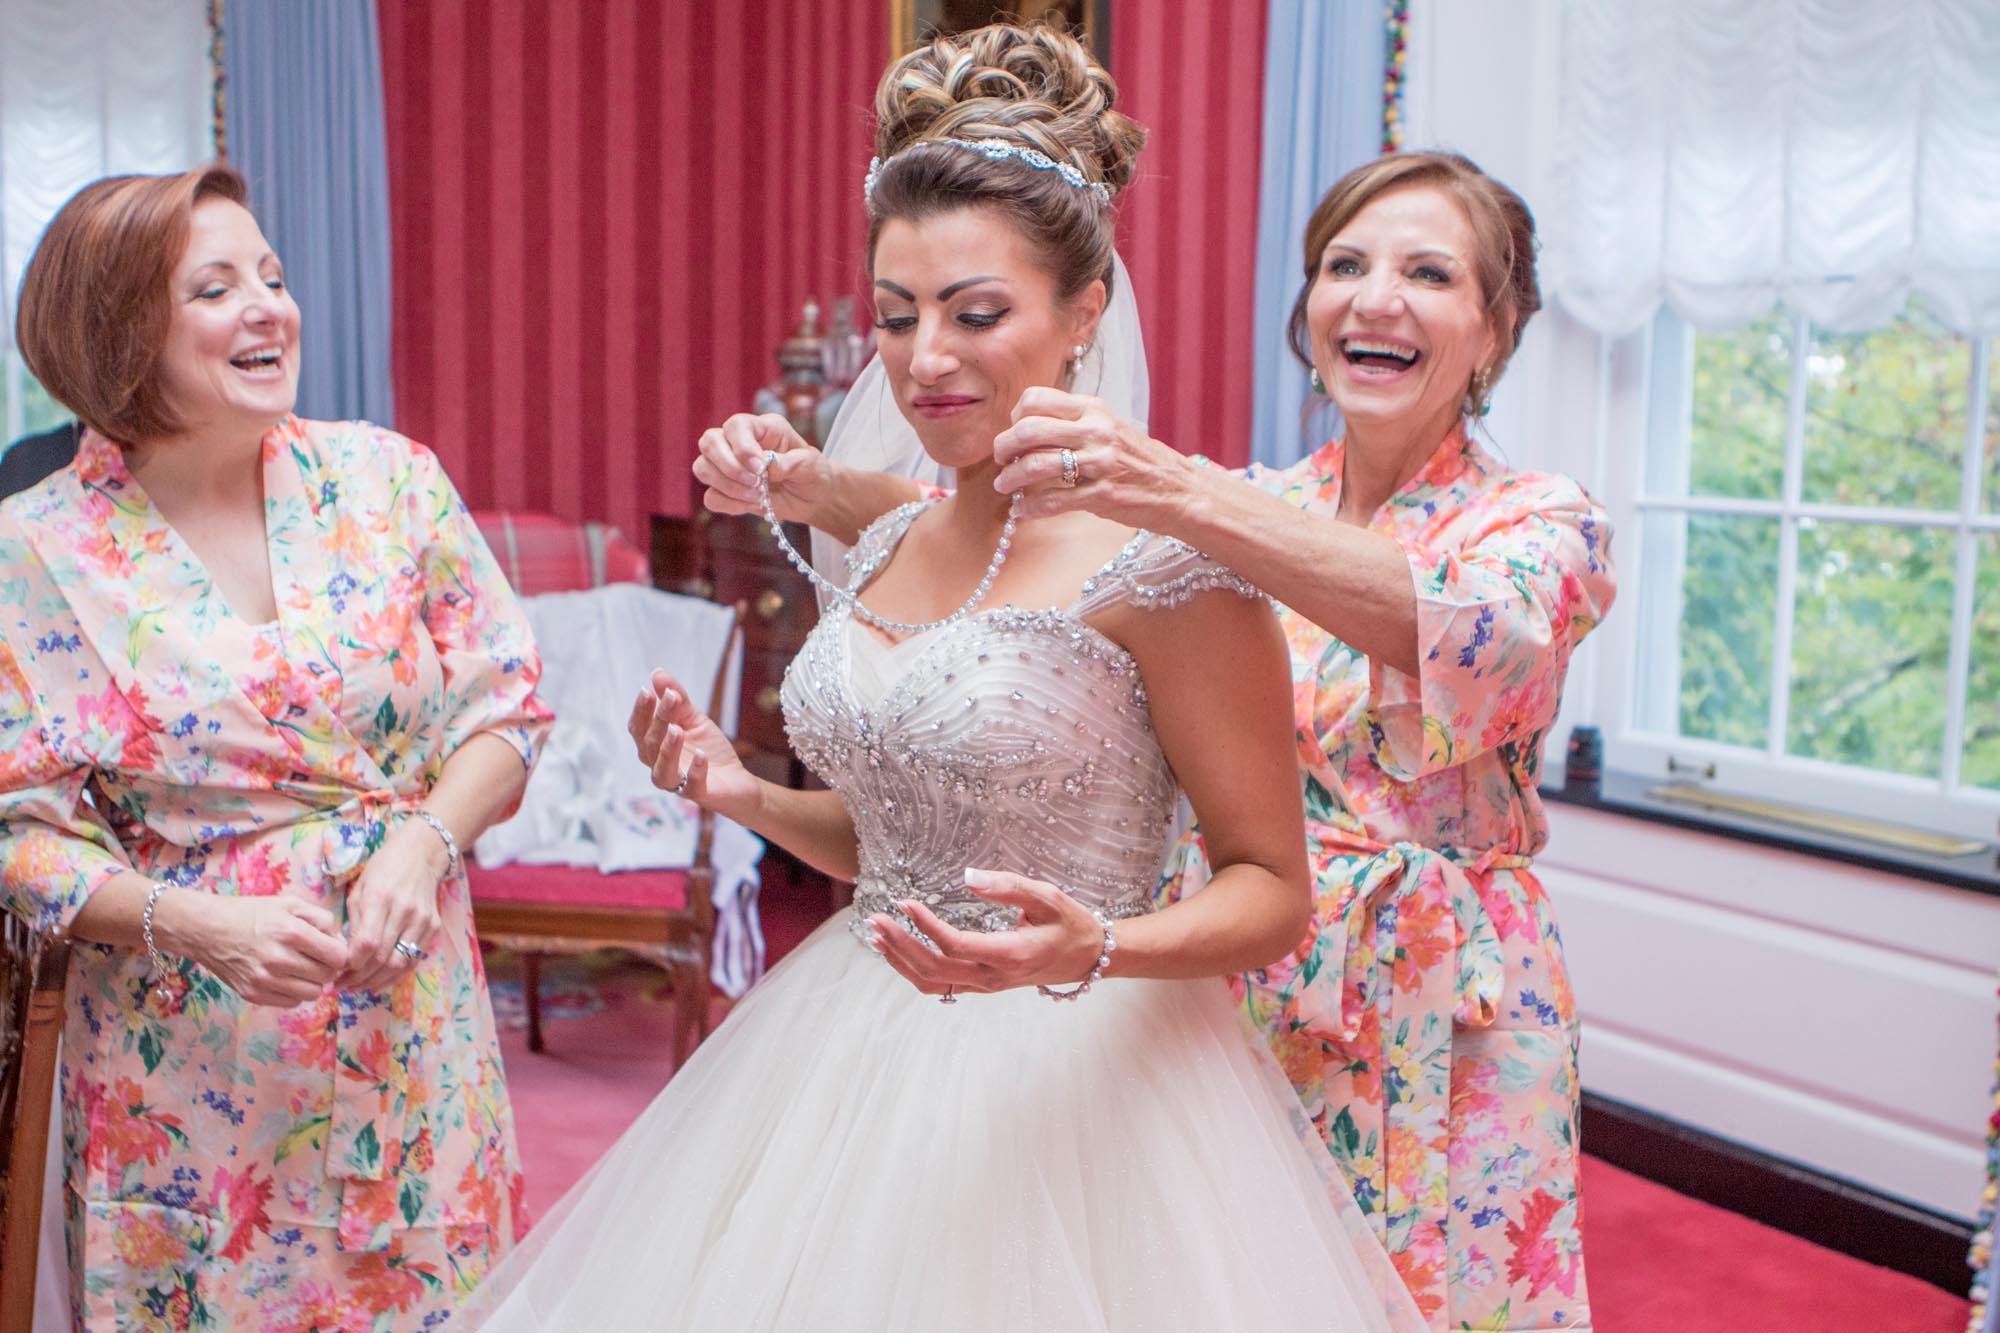 wv-wedding-photographer-sheena-pendley-8343.jpg